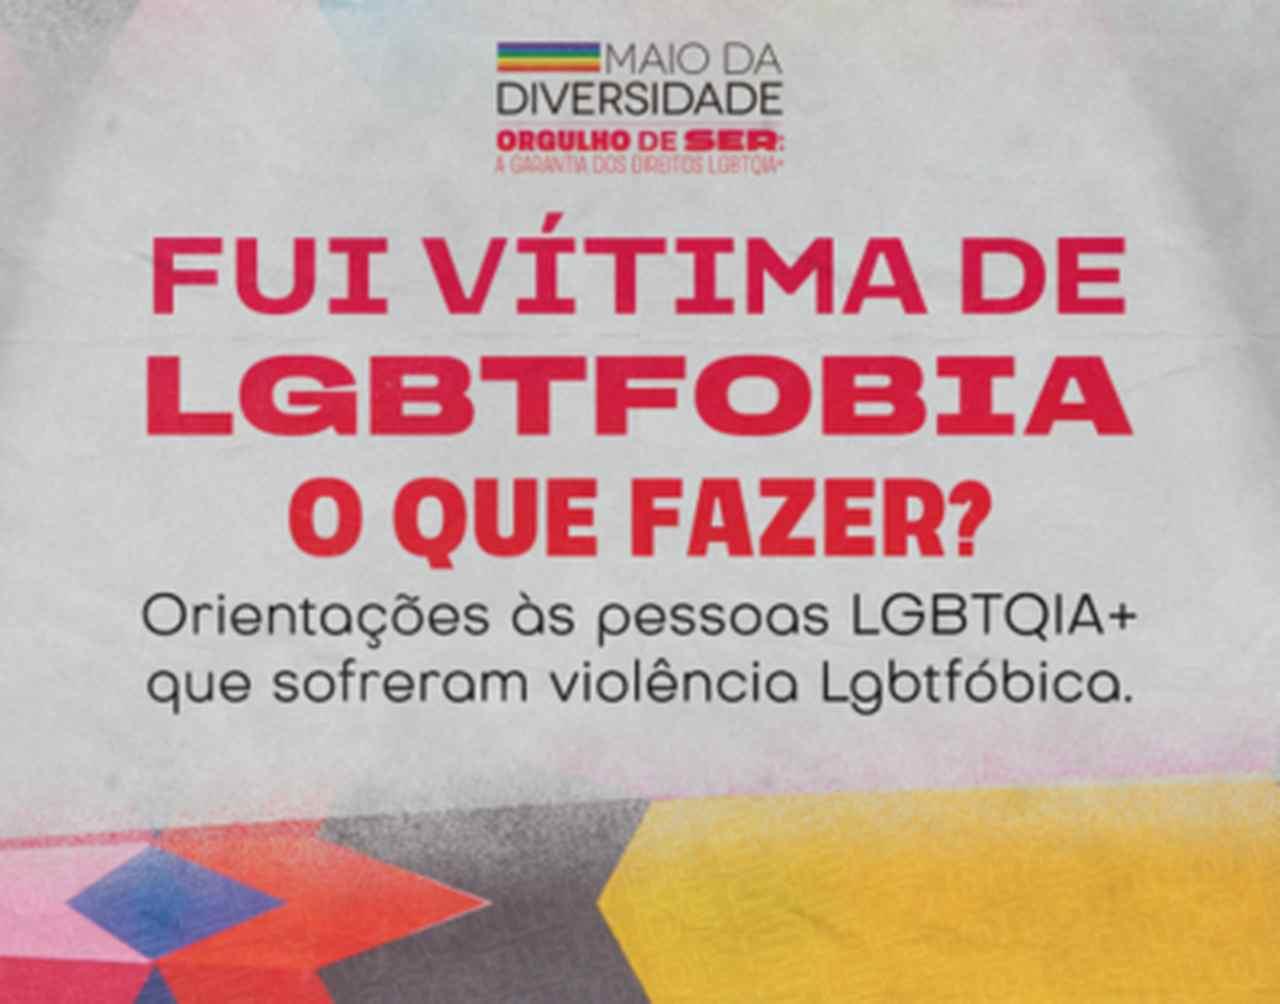 Governo-do-Estado-lanca-cartilha-com-orientacoes-para-vitimas-de-LGBTfobia